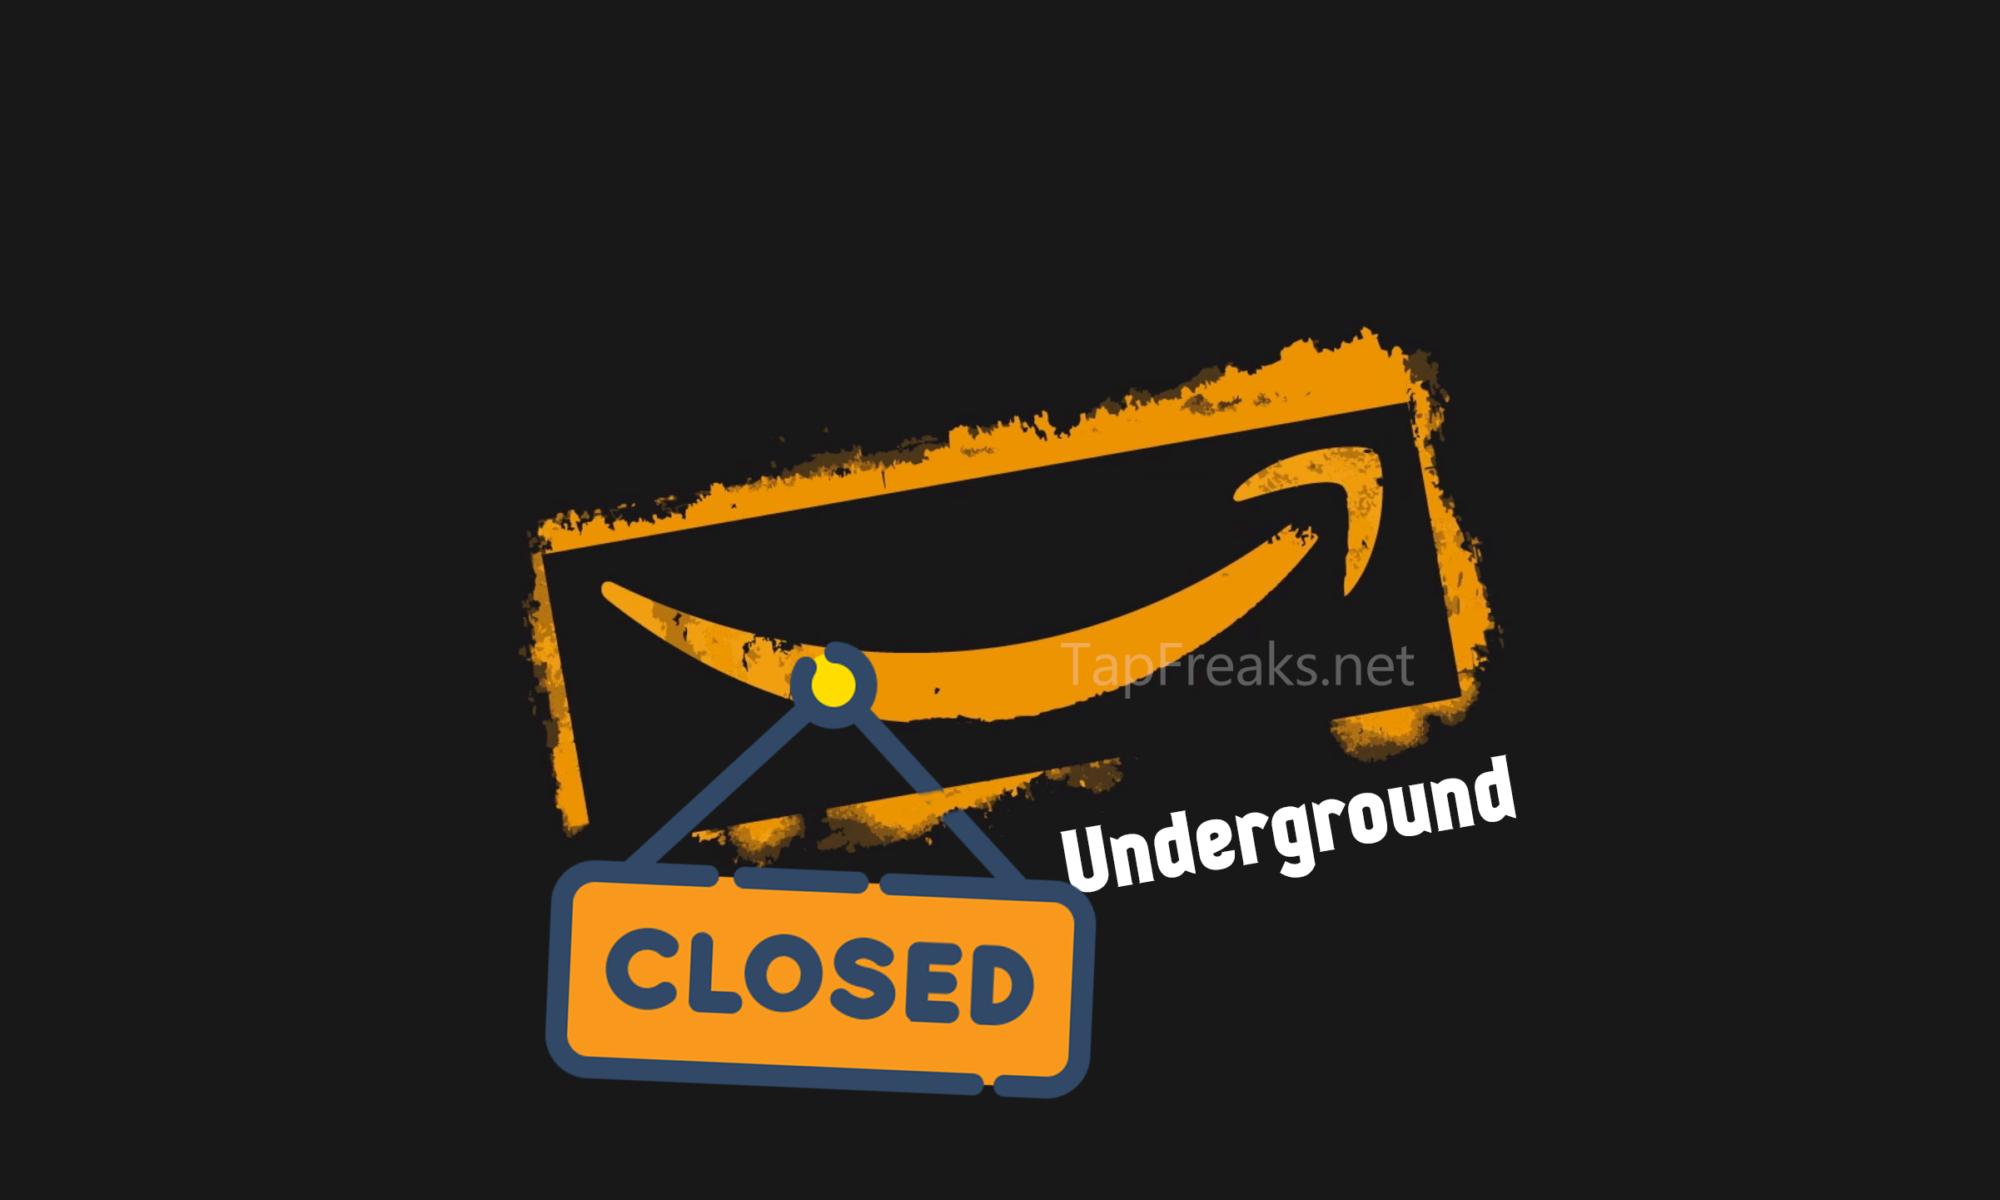 Amazon's Underground